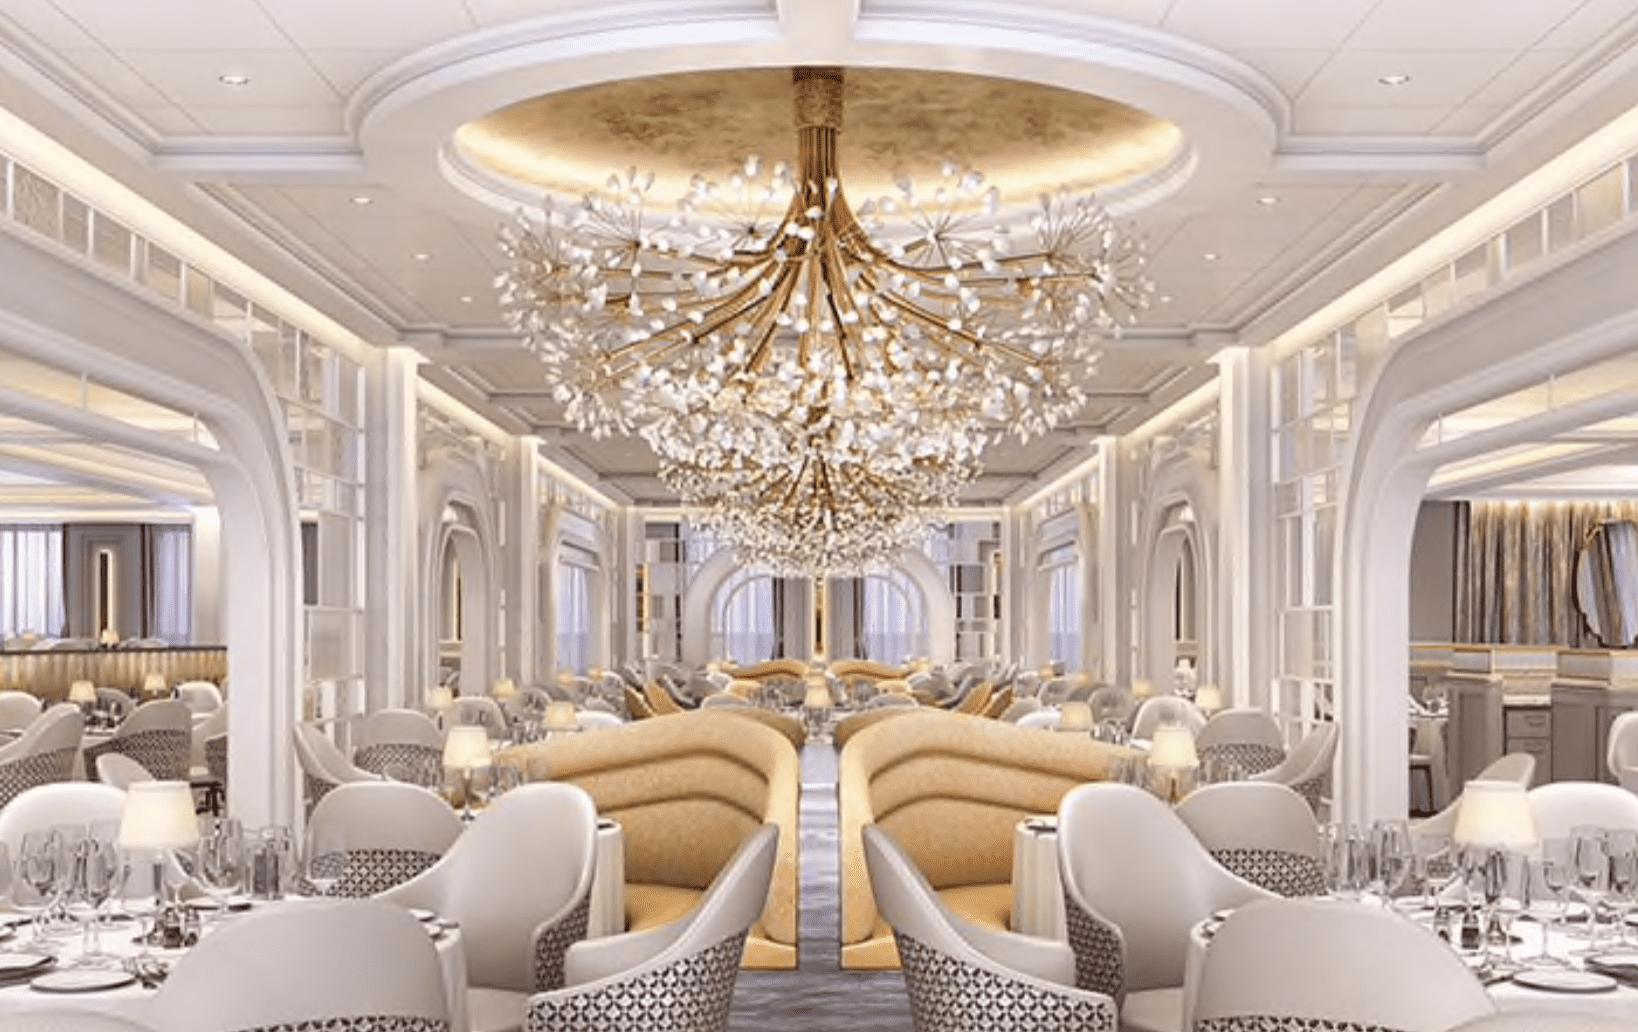 grand dining room oceania vista rendering